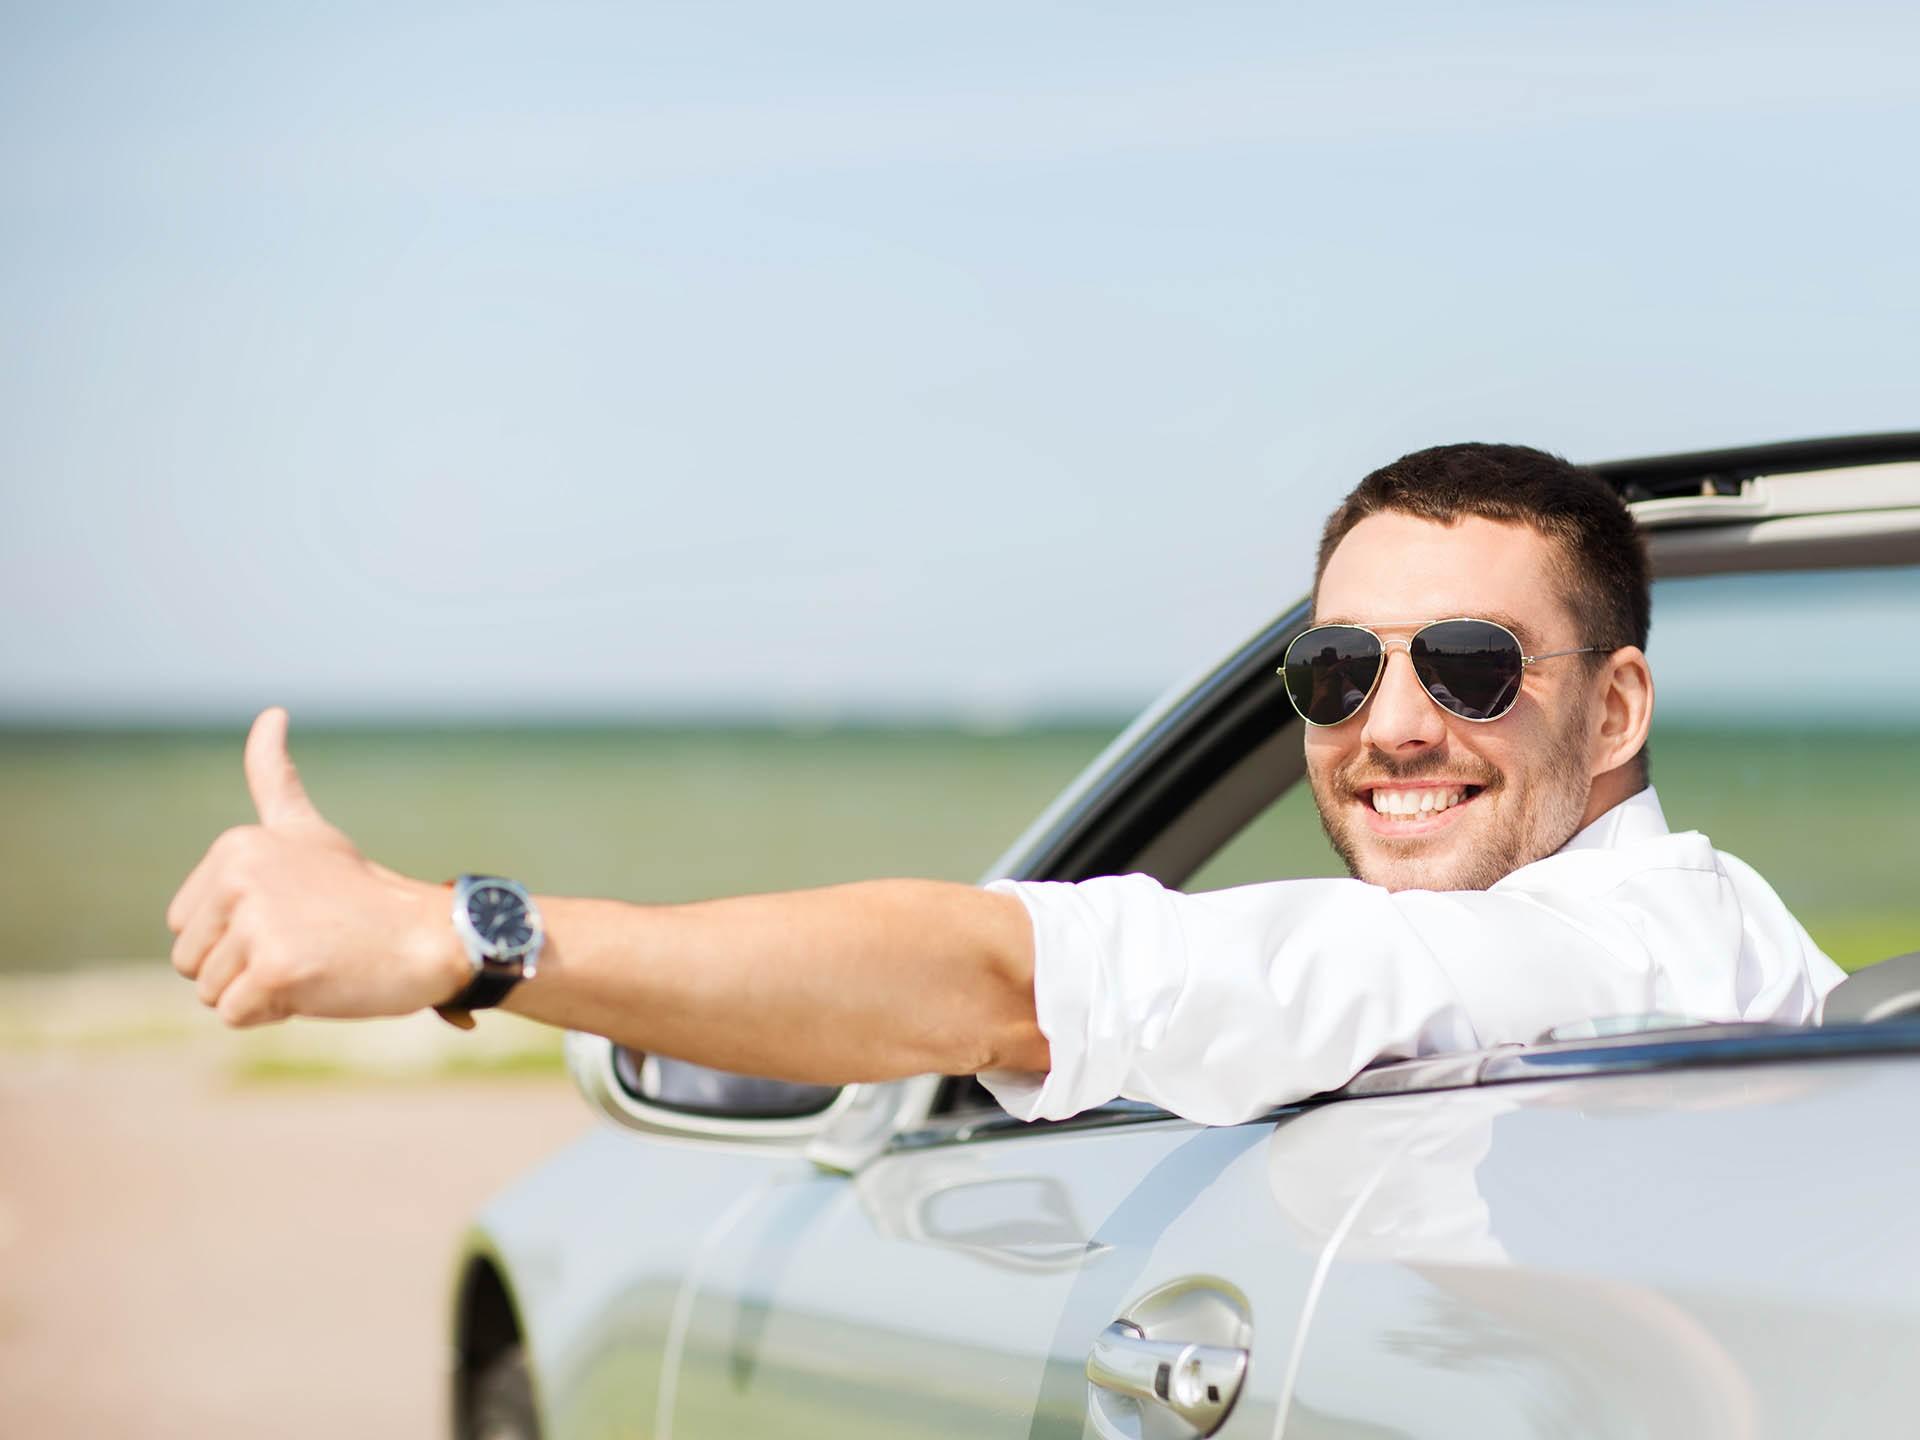 Роскошь или средство передвижения? Эксперты Авито Авто выяснили, как россияне воспринимают личный автомобиль